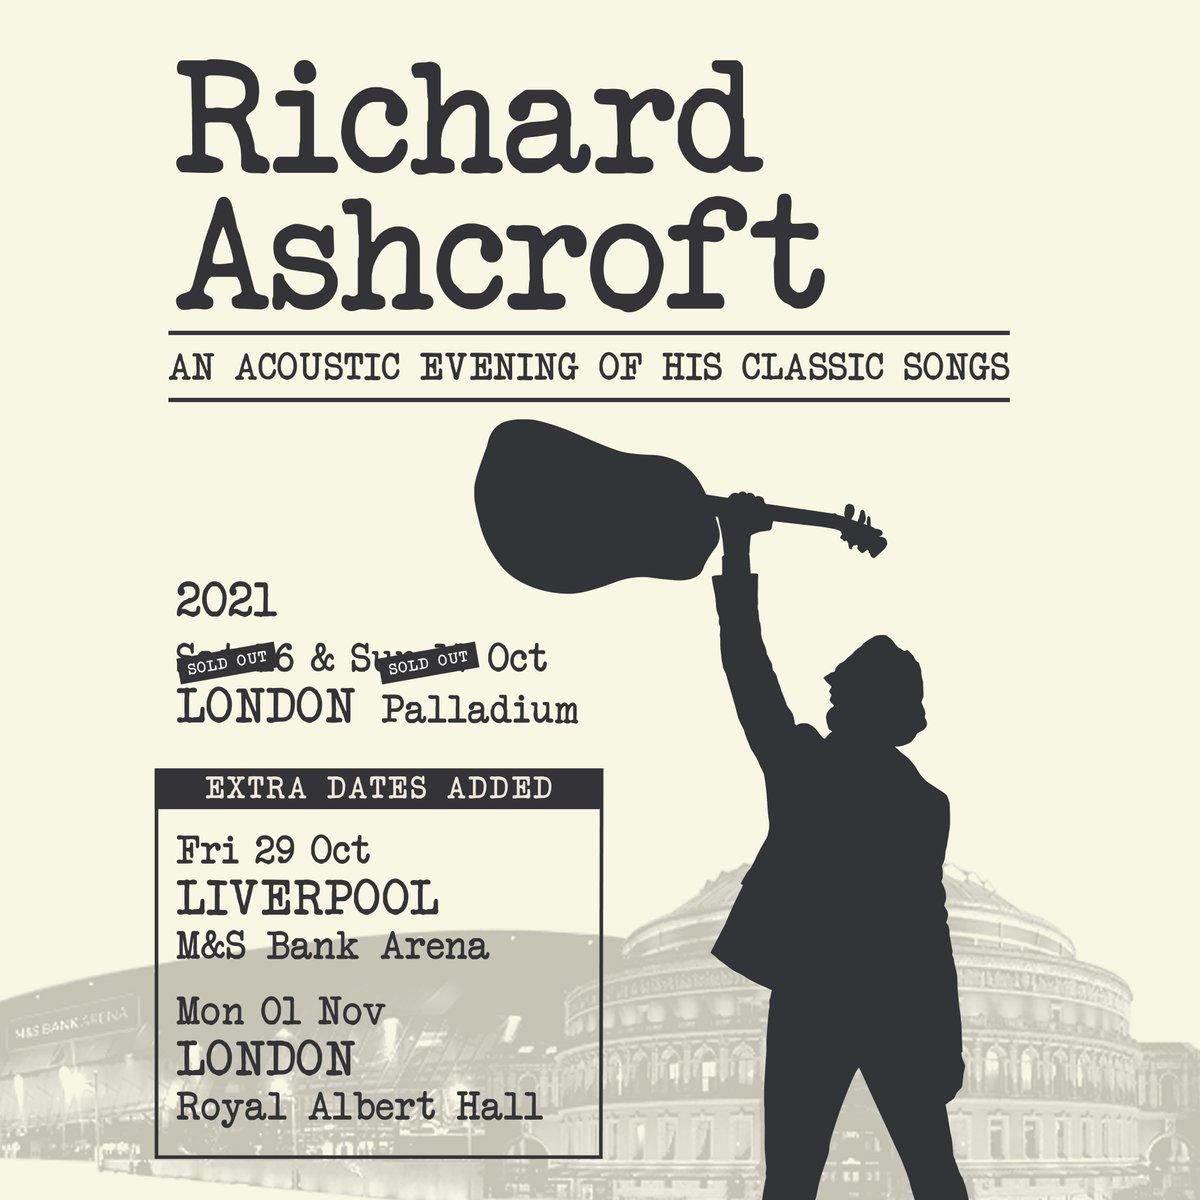 richardashcroft photo